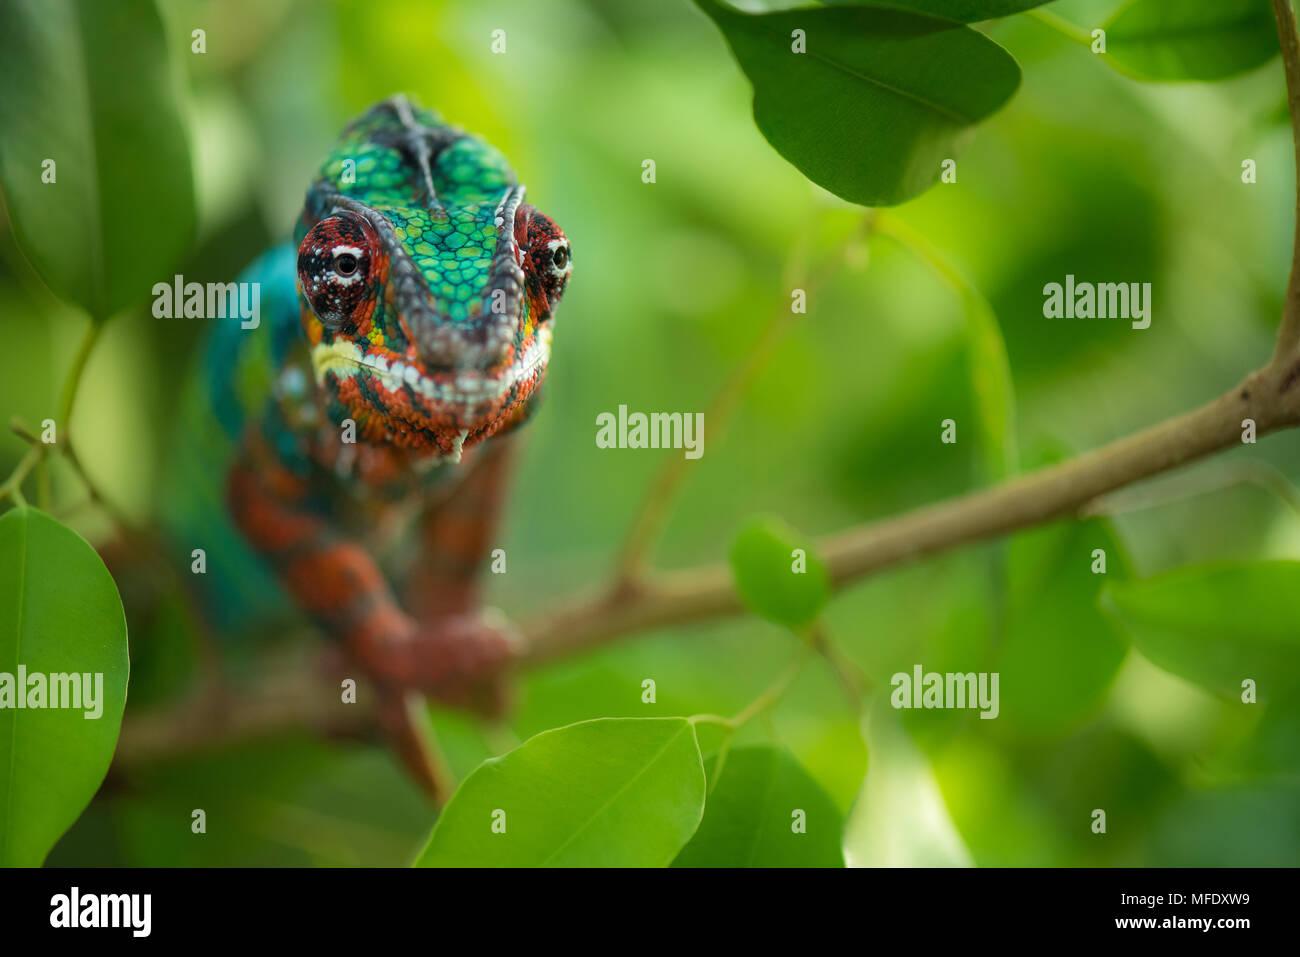 Caméléon panthère avec des couleurs vives / Ambilobe / Madagascar / faune Furcifer pardalis / chameleon on branch Photo Stock